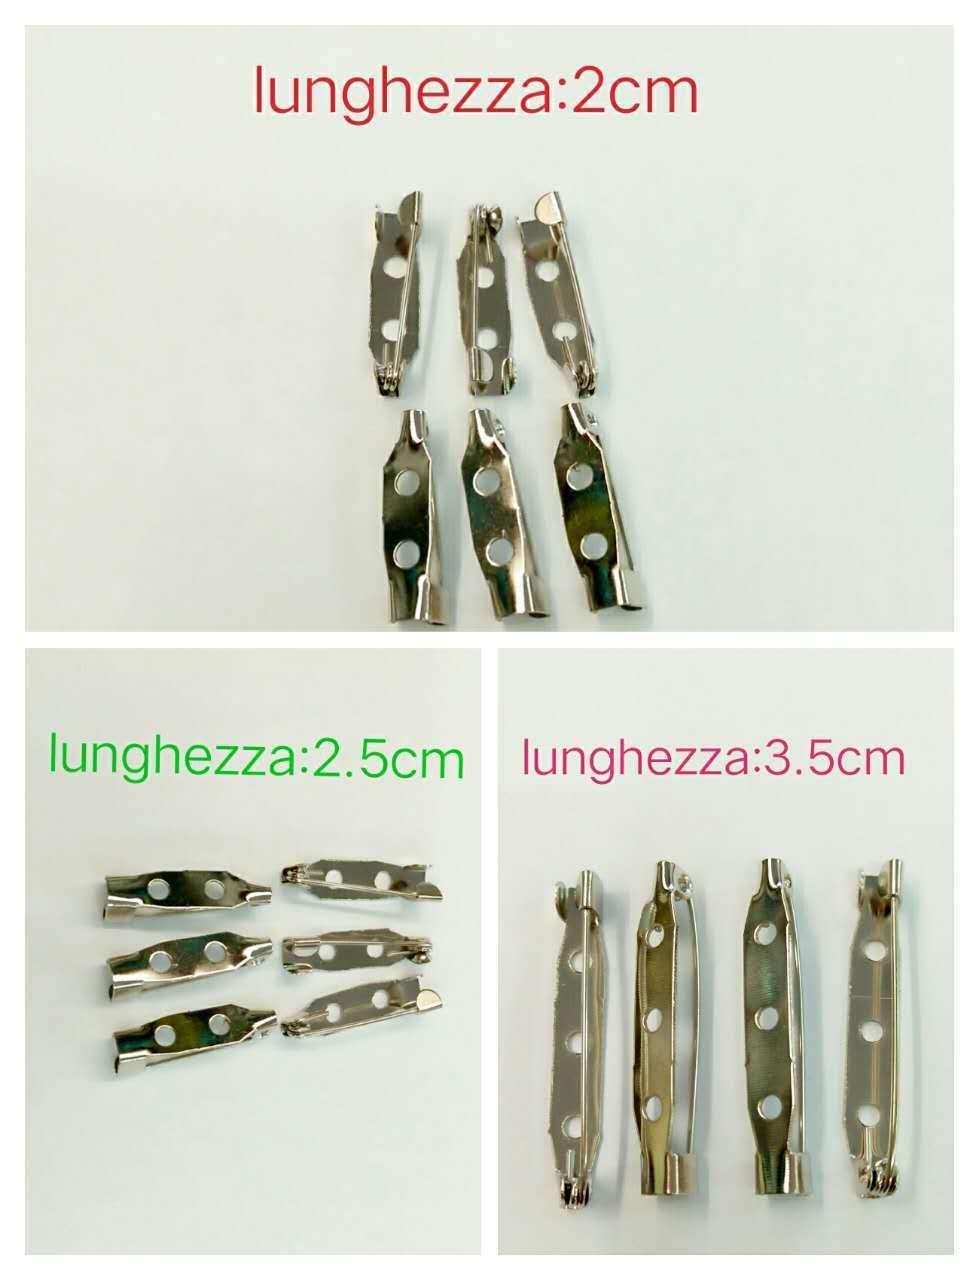 150 pz BASI PER SPILLE LUNGHE VARIE MISURE accessori  BIGIOTTERIA